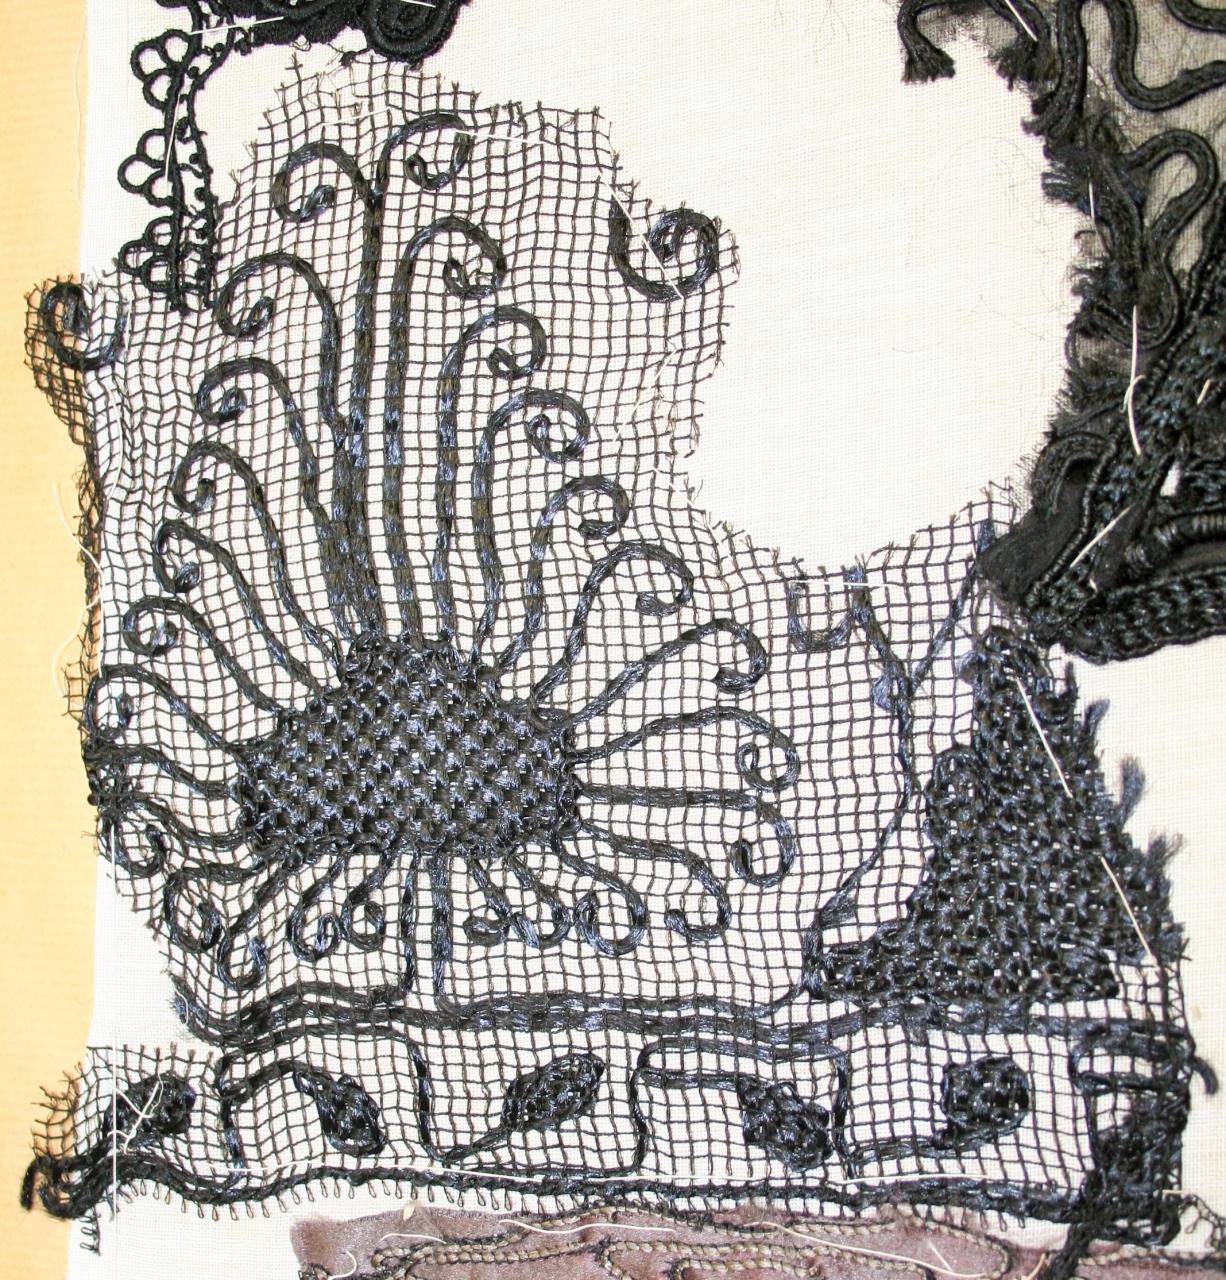 decorazione a ricamo, frammento di Genoni Rosa (attribuito) - ambito milanese (inizio sec. XX)